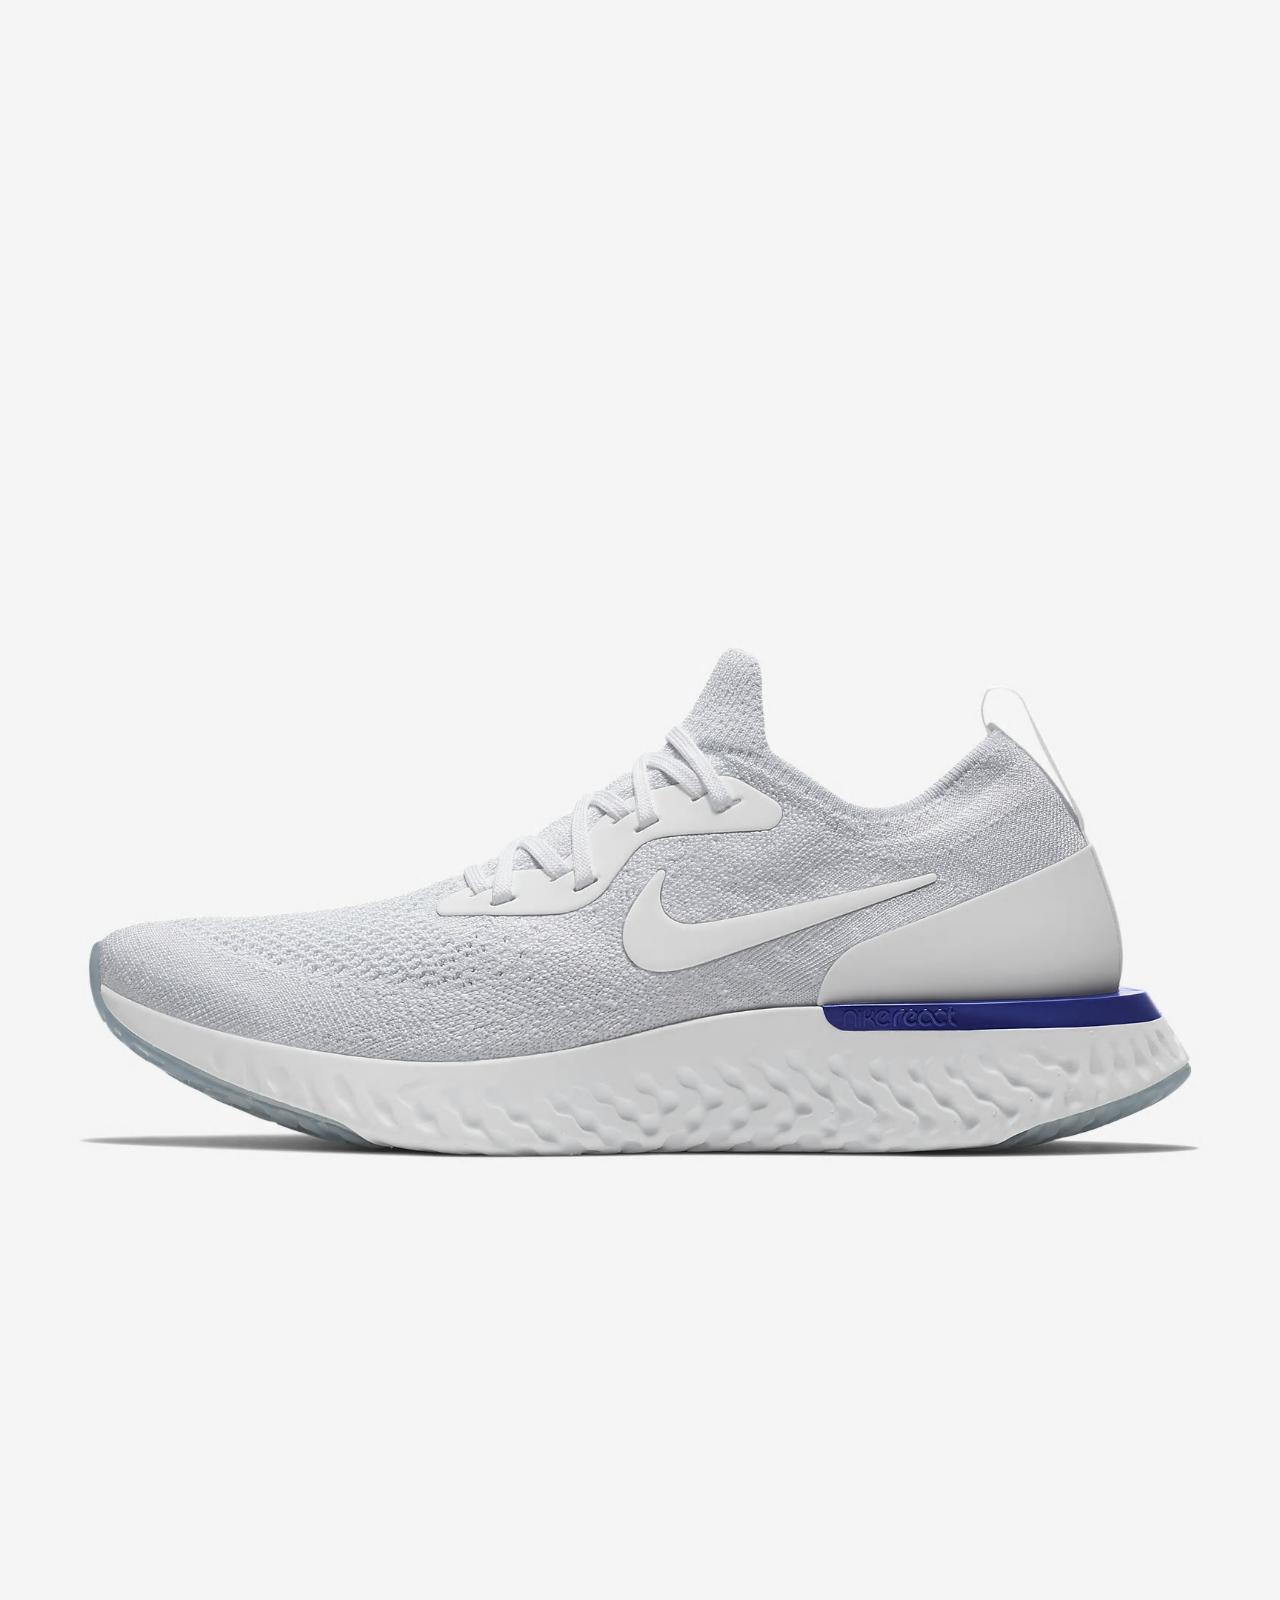 NUOVO Nike 876066400 moderno FLY MAGLIA Sneaker Scarpe da Ginnastica uomo